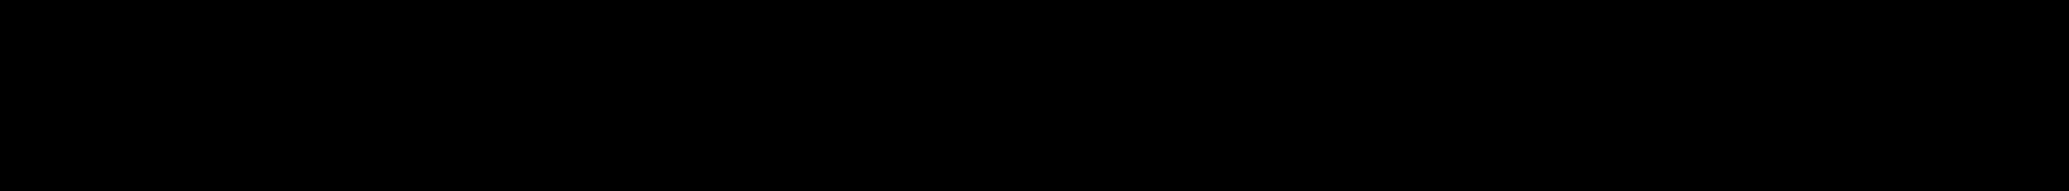 Design System D 900R